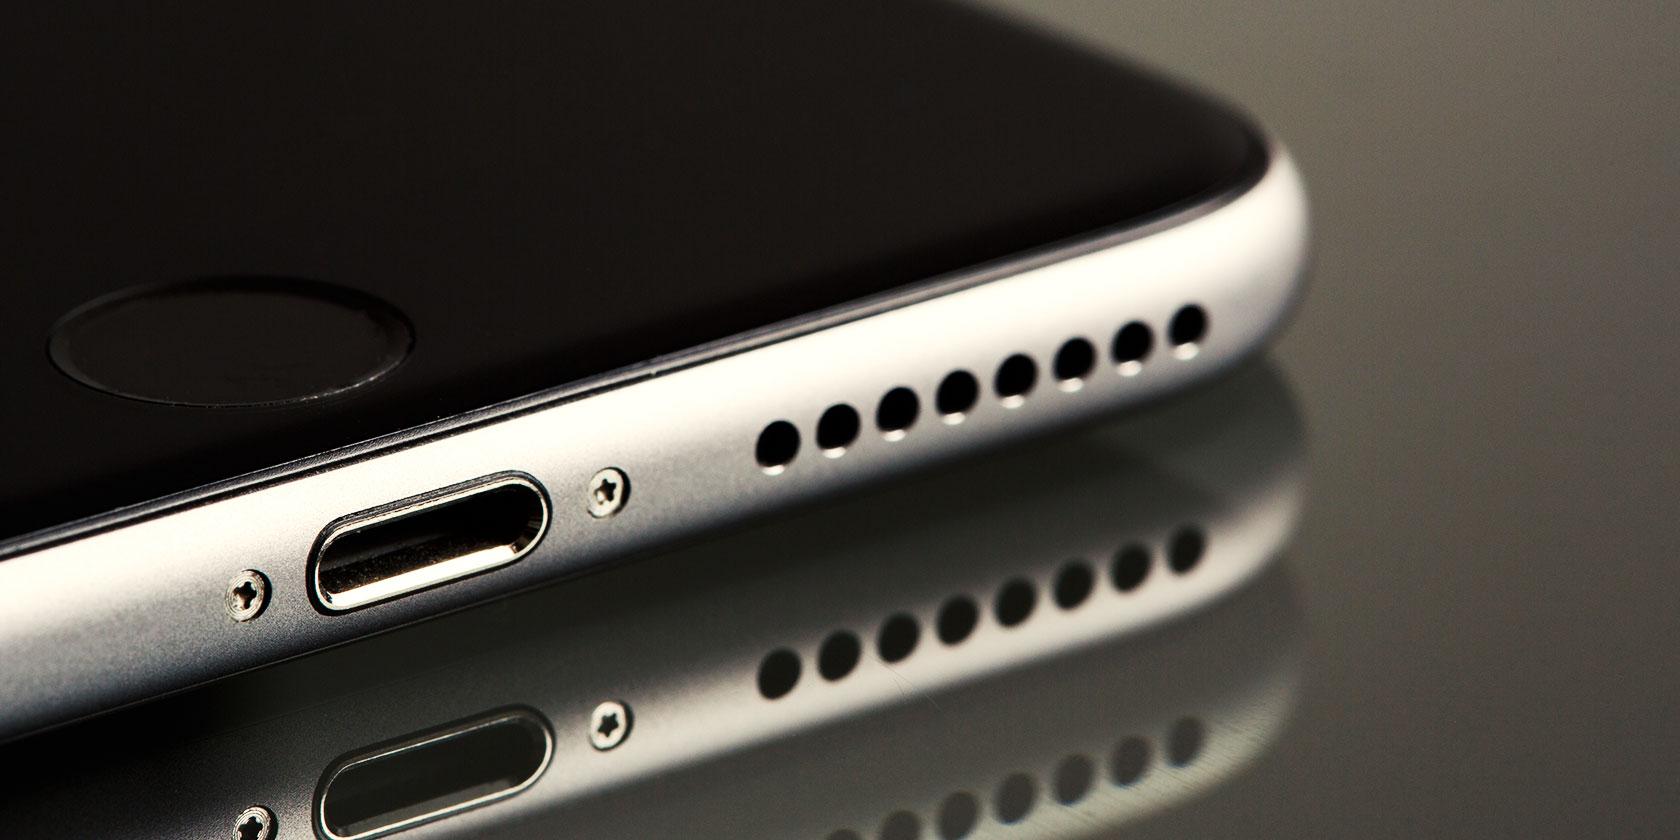 iphone-speaker-issues